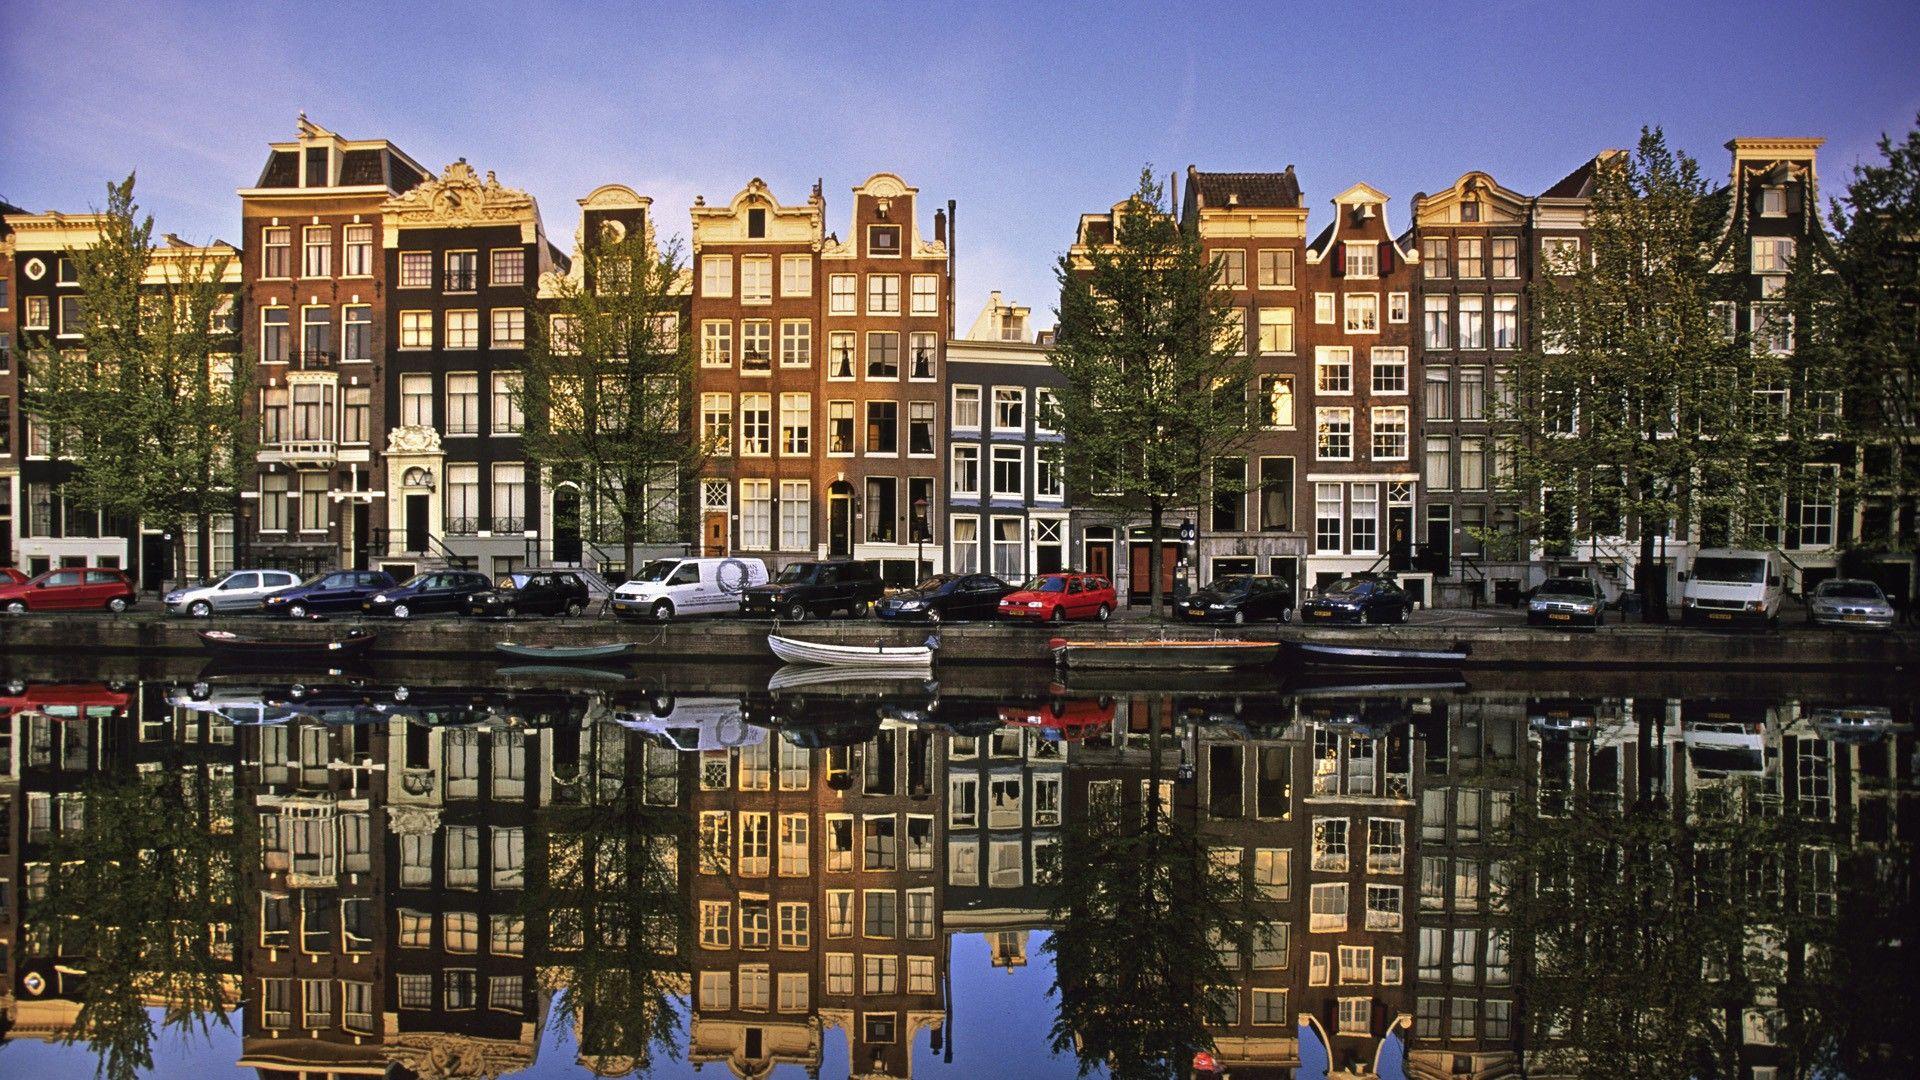 Innenarchitektur Amsterdam Interessante Orte Das Beste Von Canasinth - Cannabis Absinthe In Amsterdam. Wir